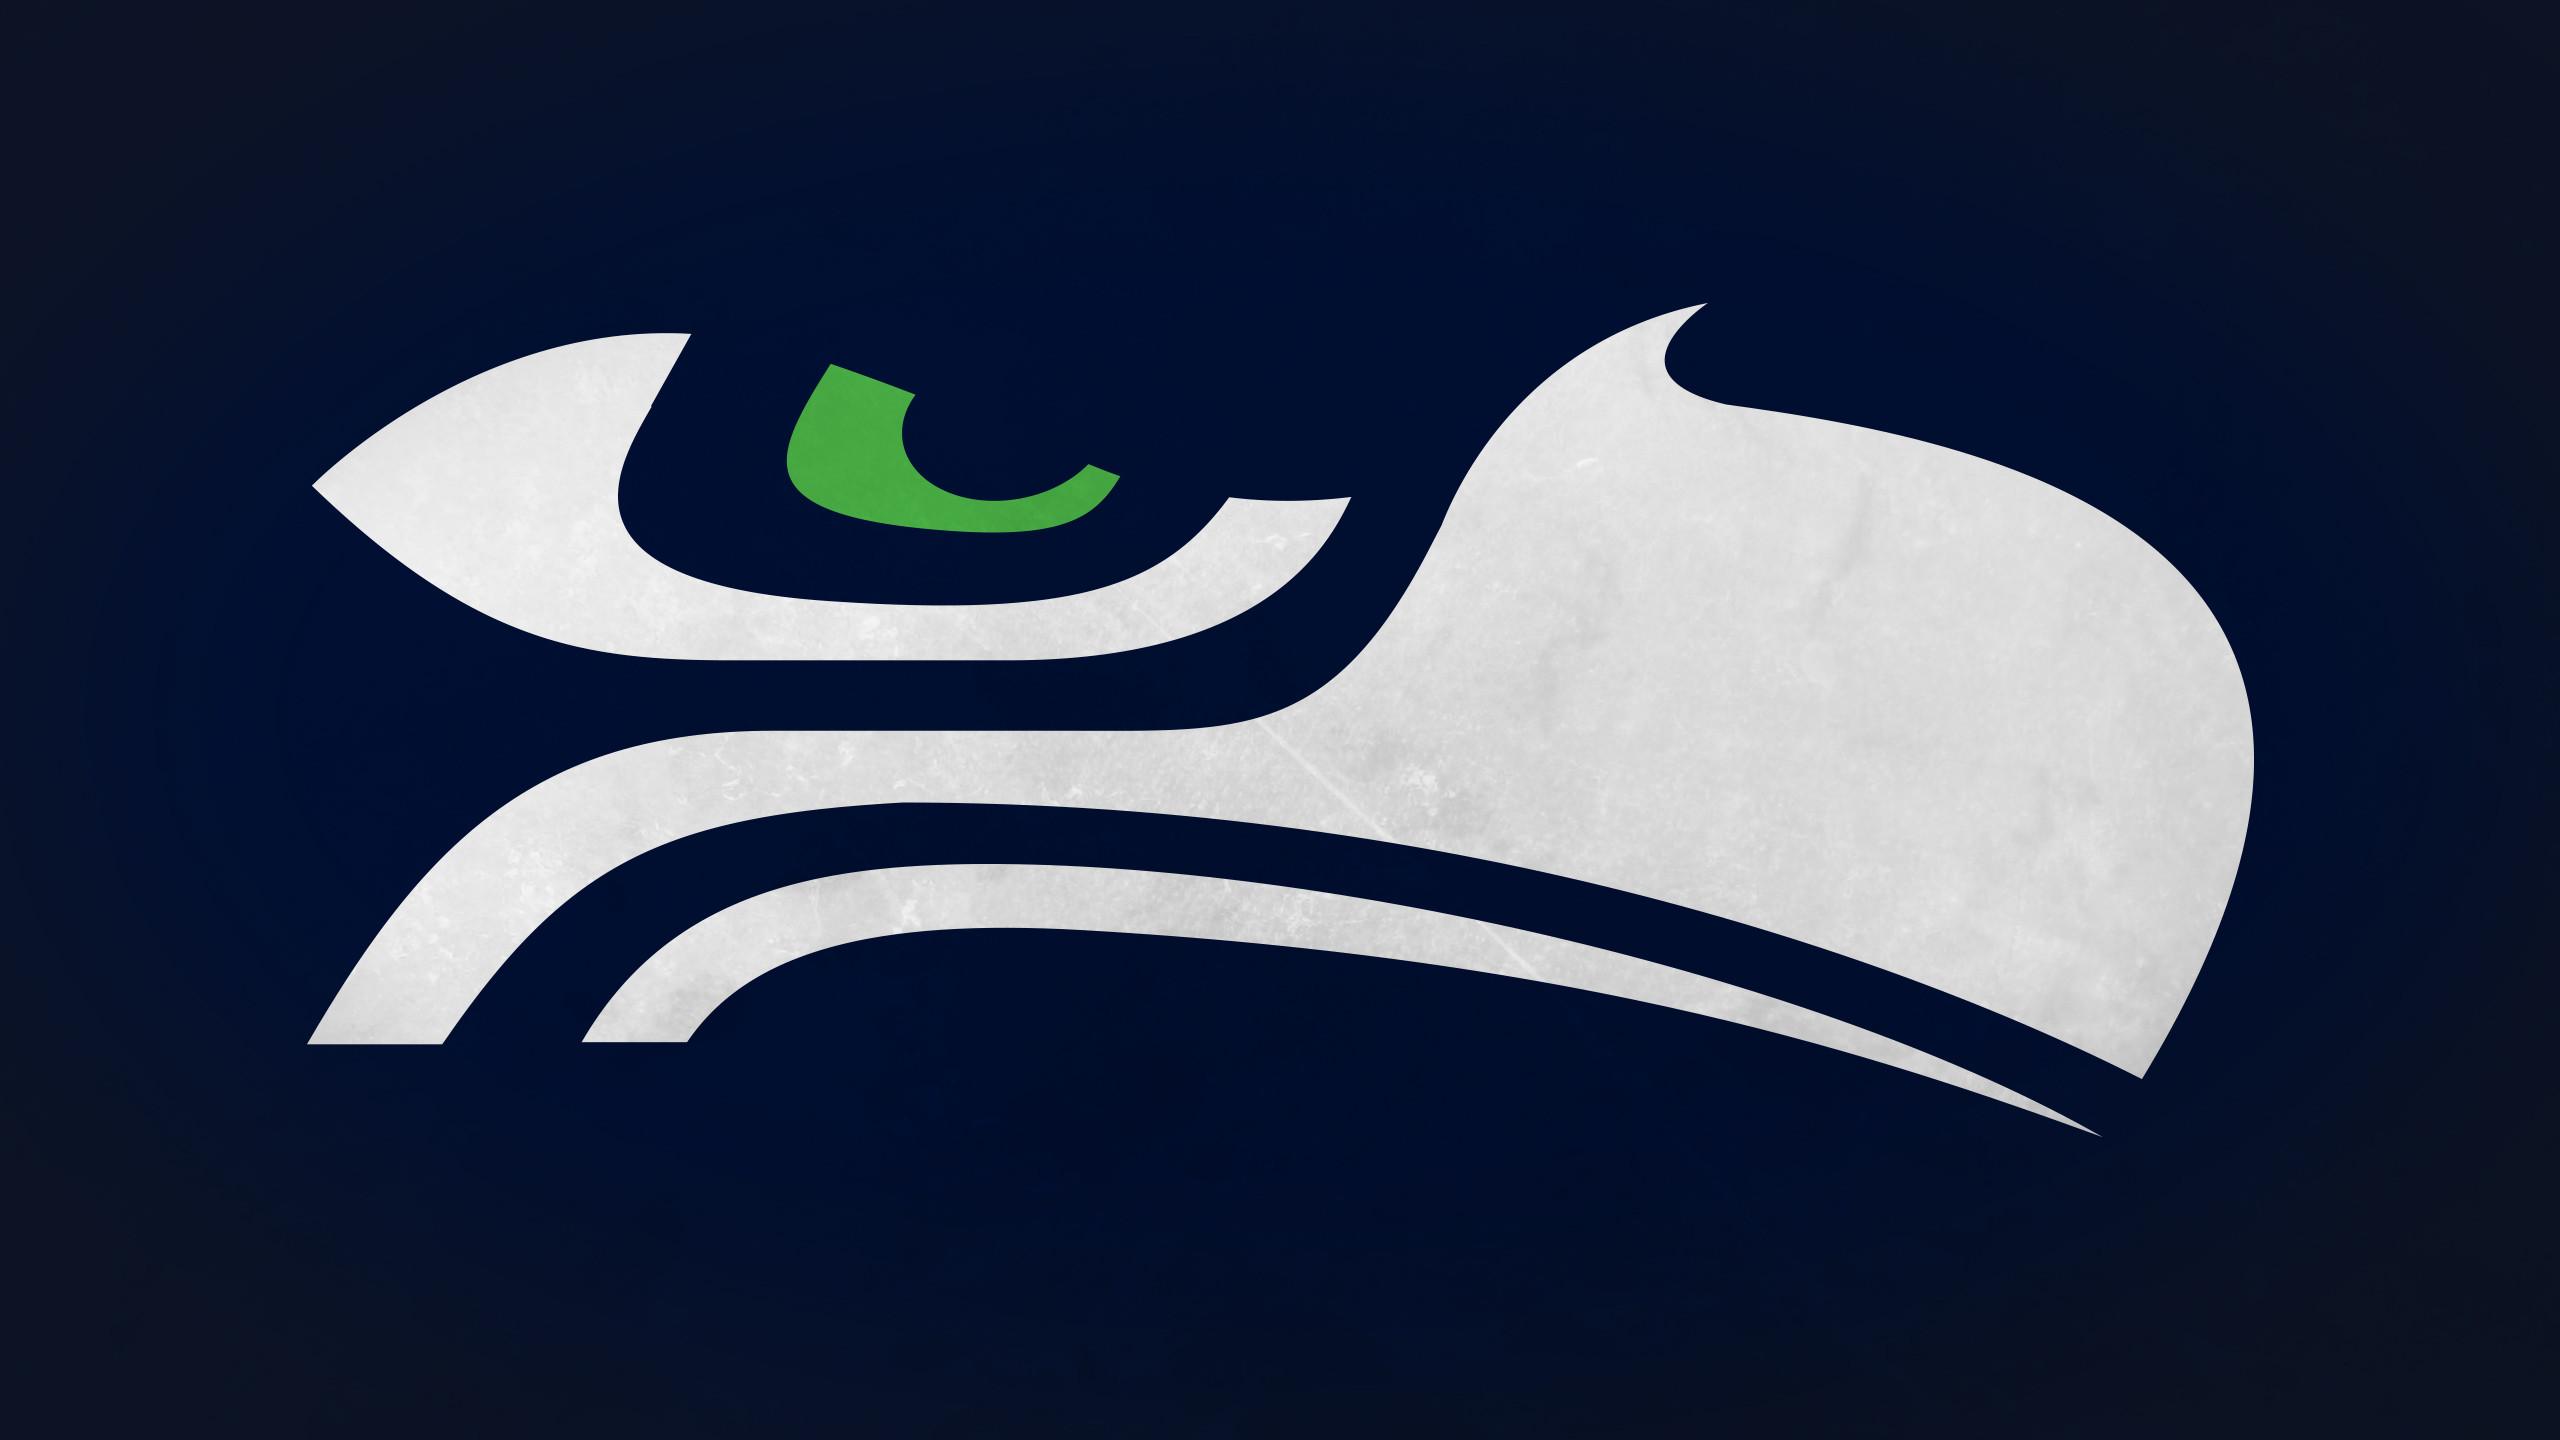 Seahawks Hd Wallpaper 24 Hd Seattle Seahawks Wallpapers